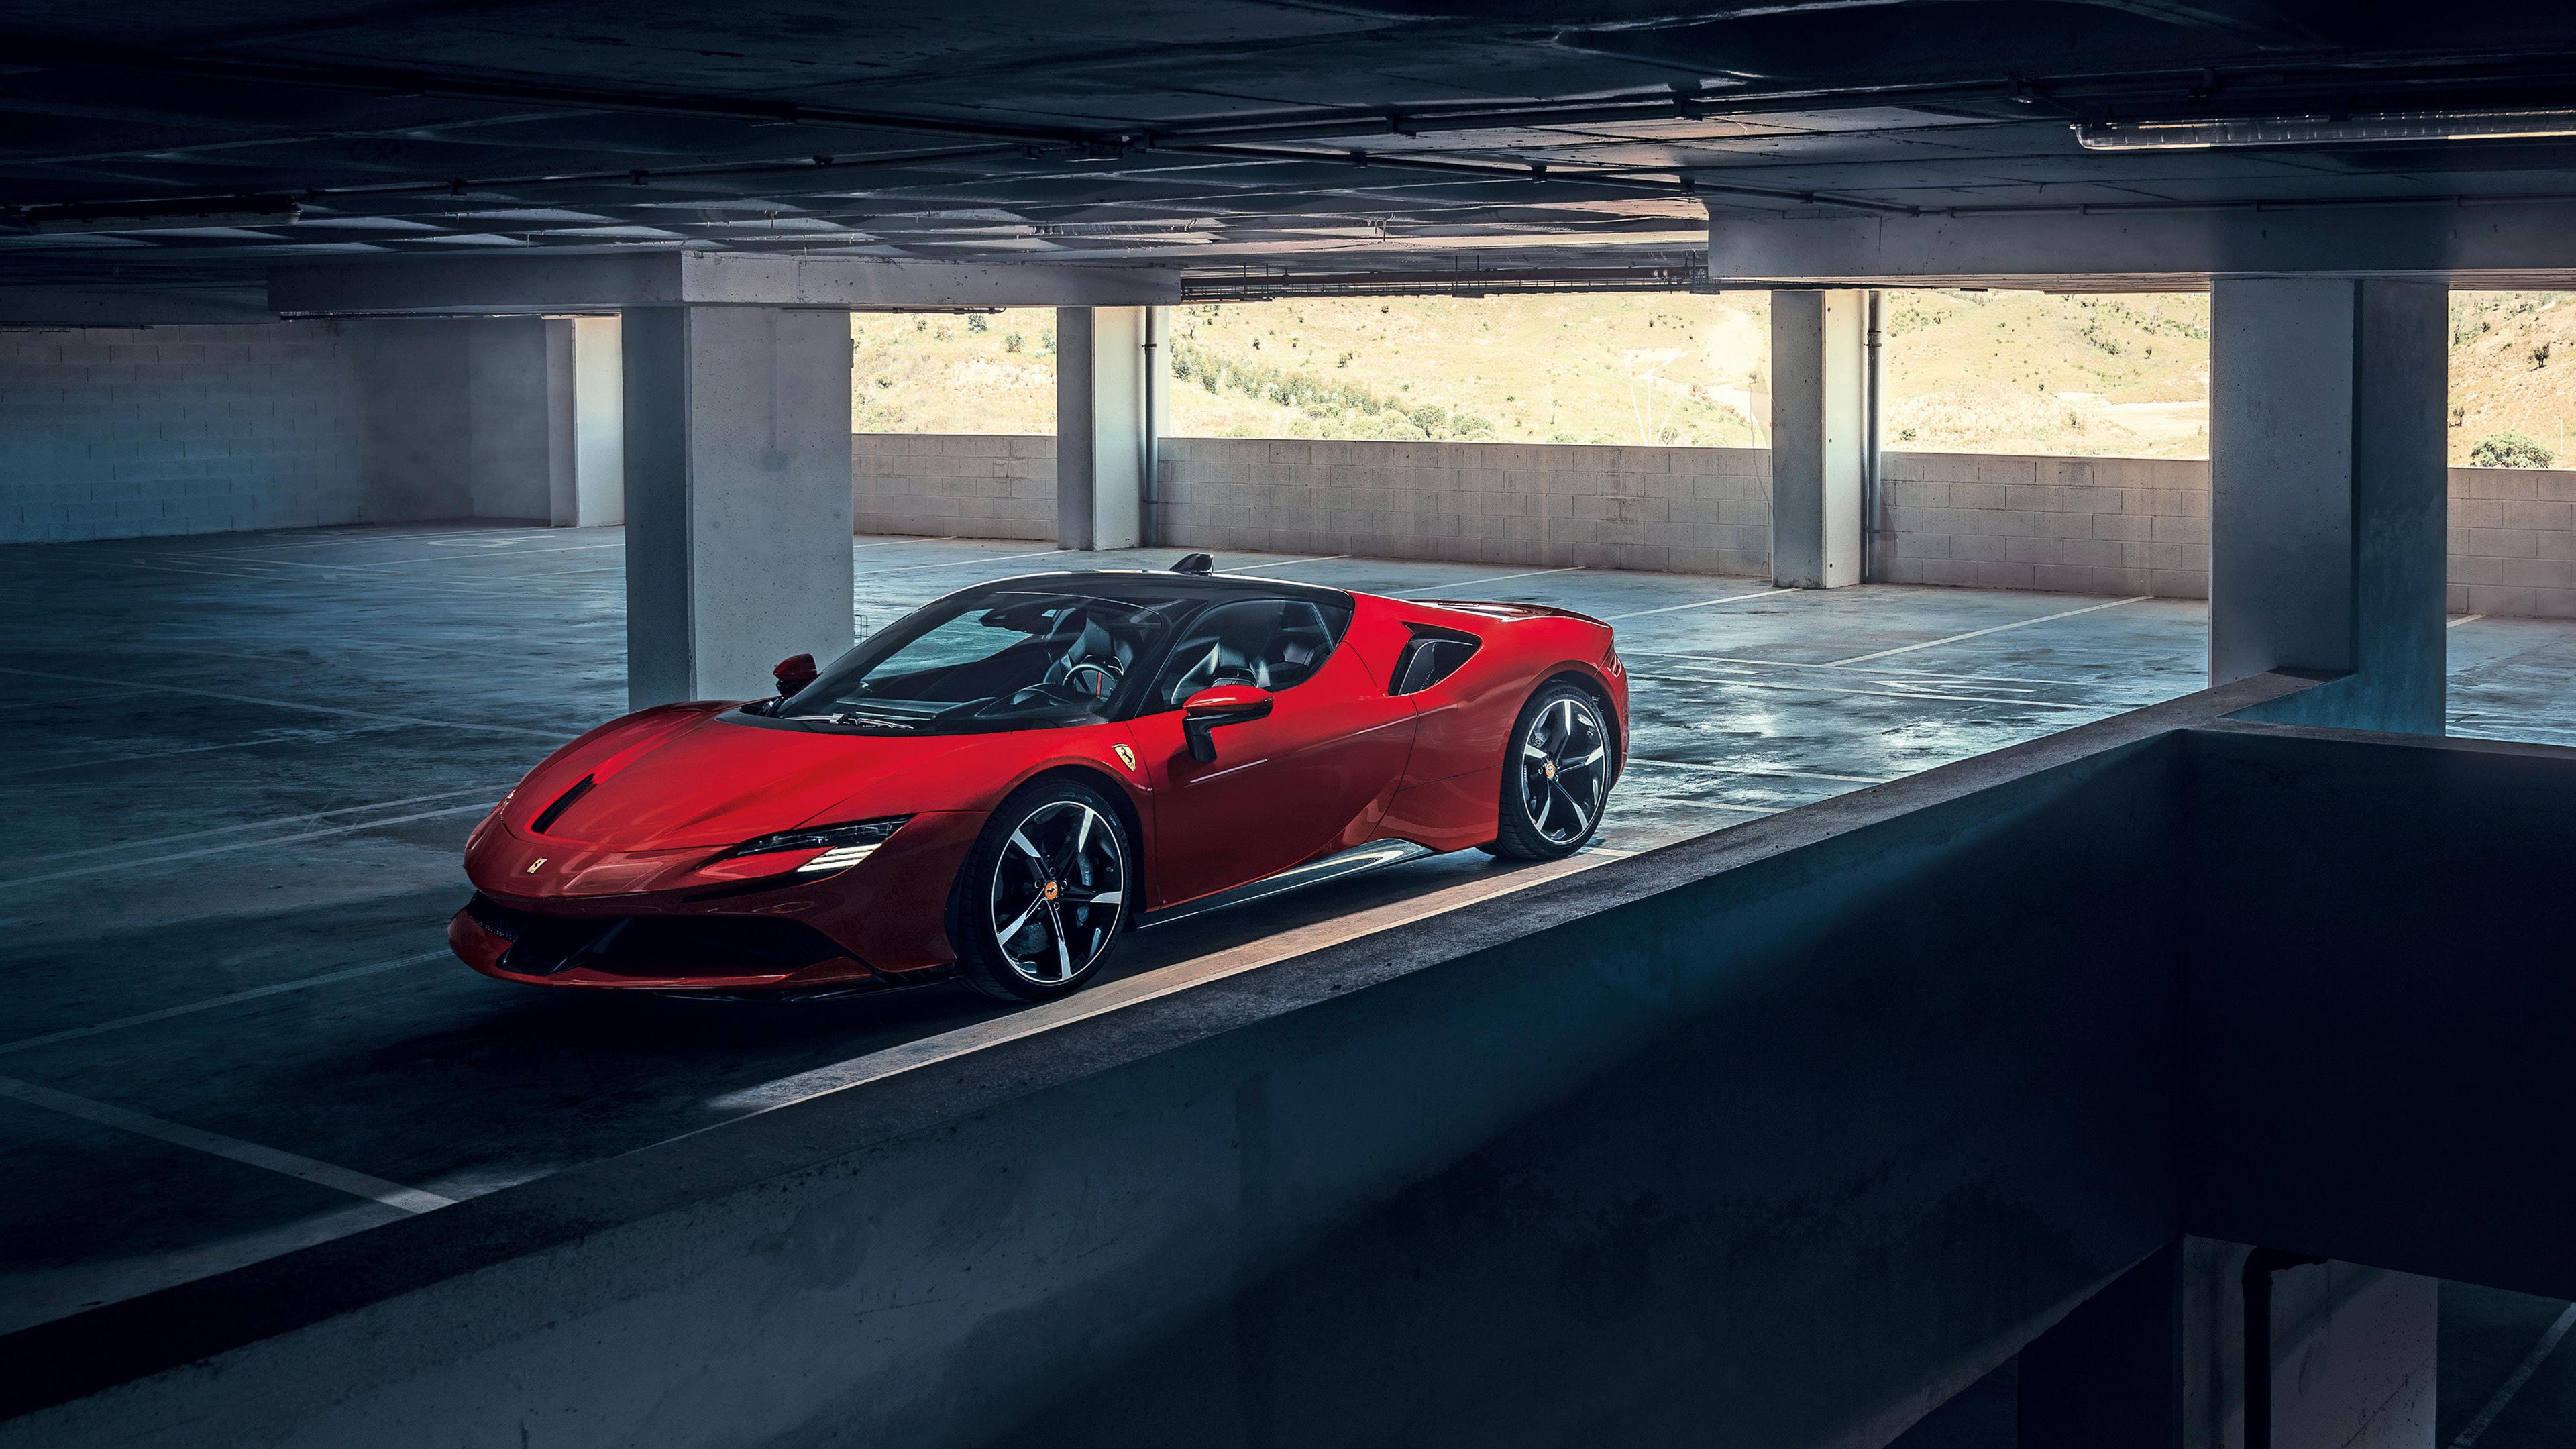 Ferrari Sf90 Stradale 2019 4k Wallpaper Hd Car Wallpapers Id 12924